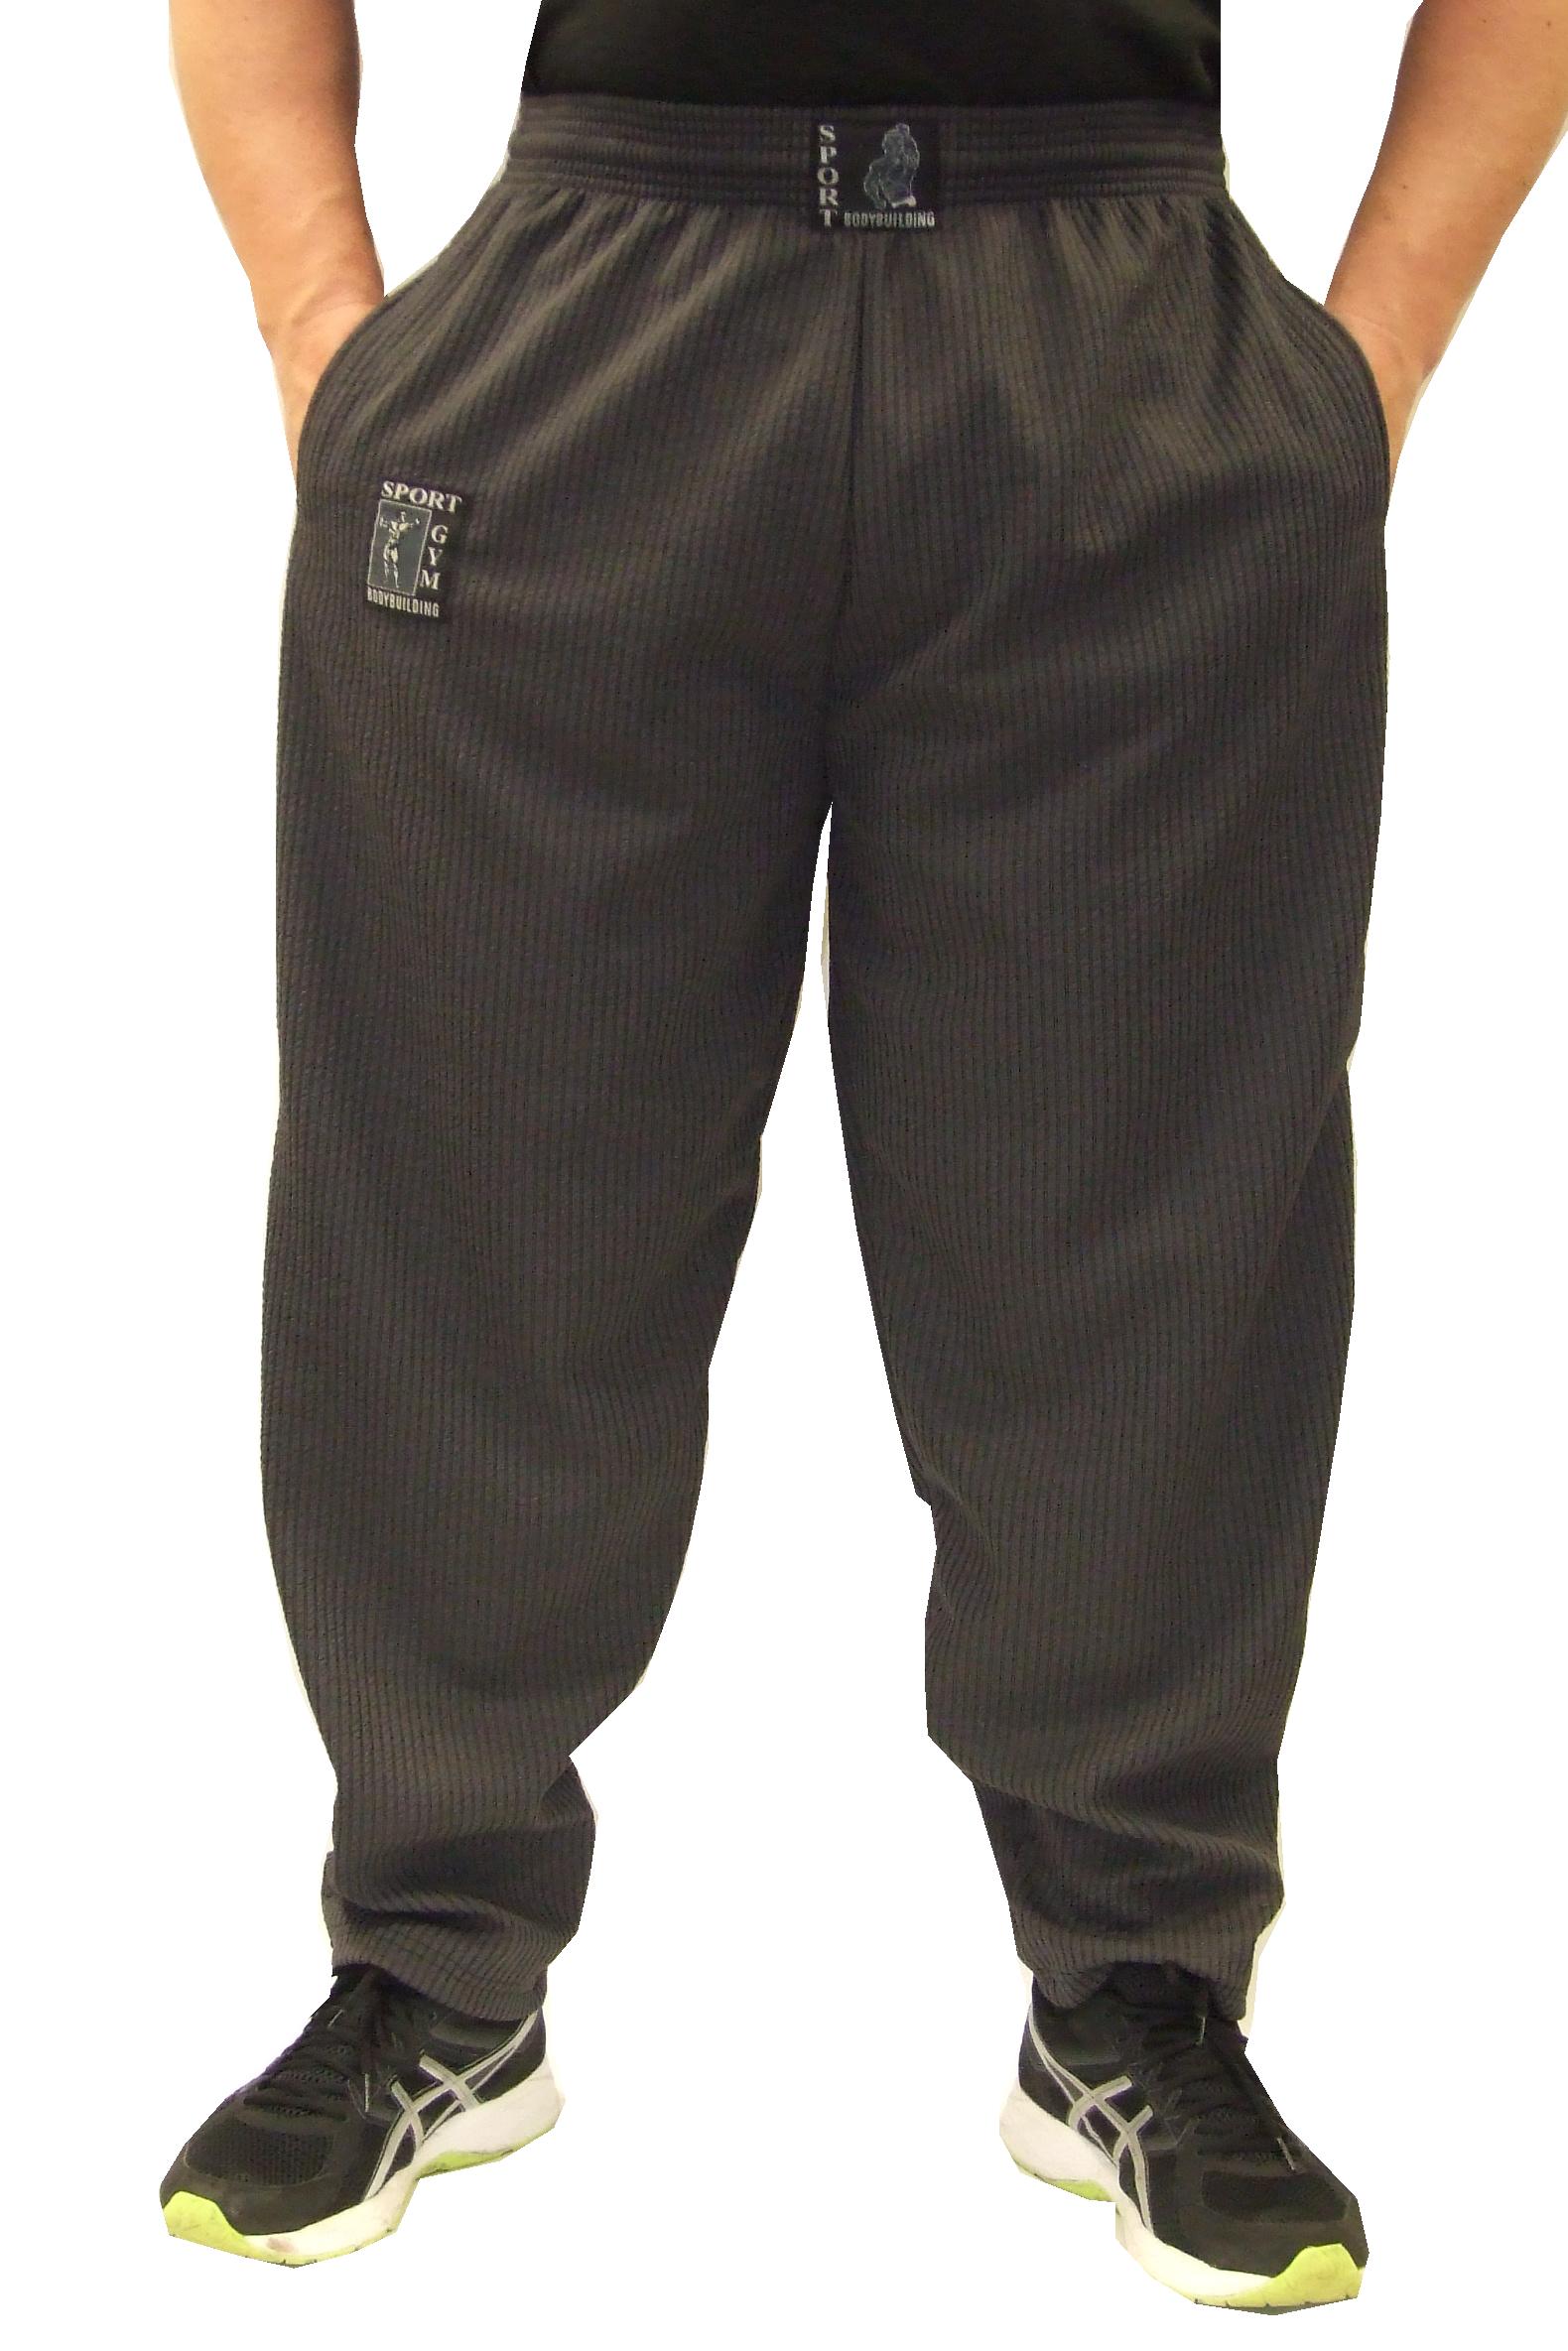 conan-wear-bodybuilding-hose-shawn-grey